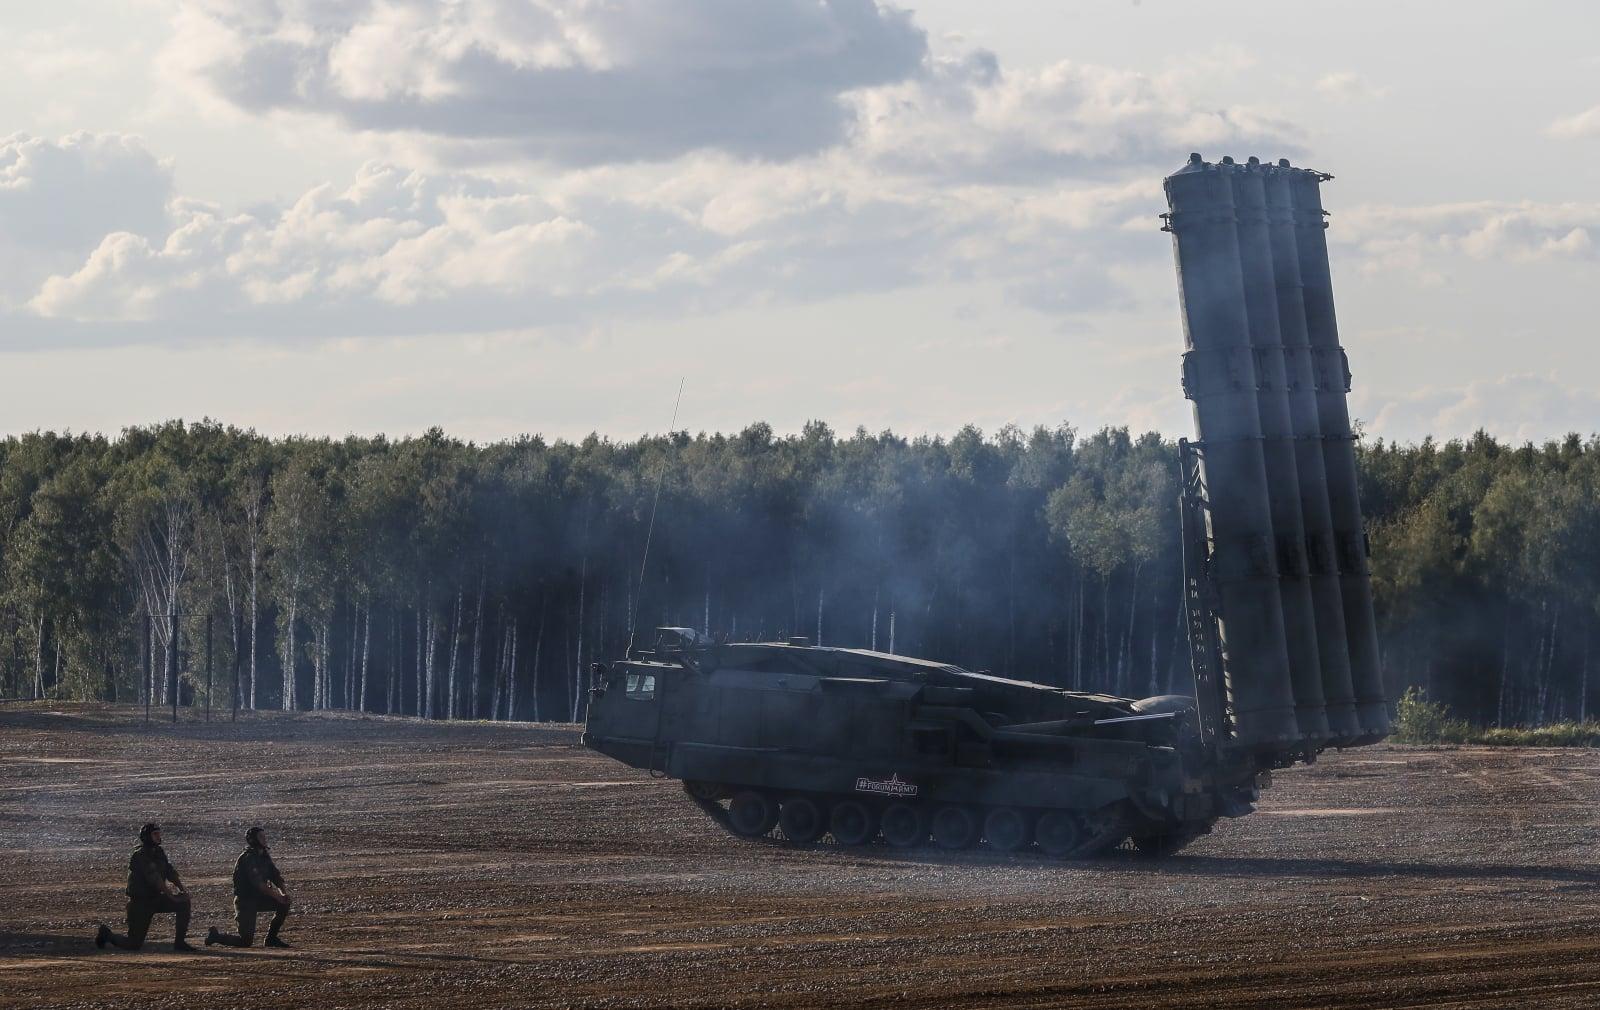 Rosyjskie systemy antyrakietowe. PAP/EPA/SERGEI ILNITSKY